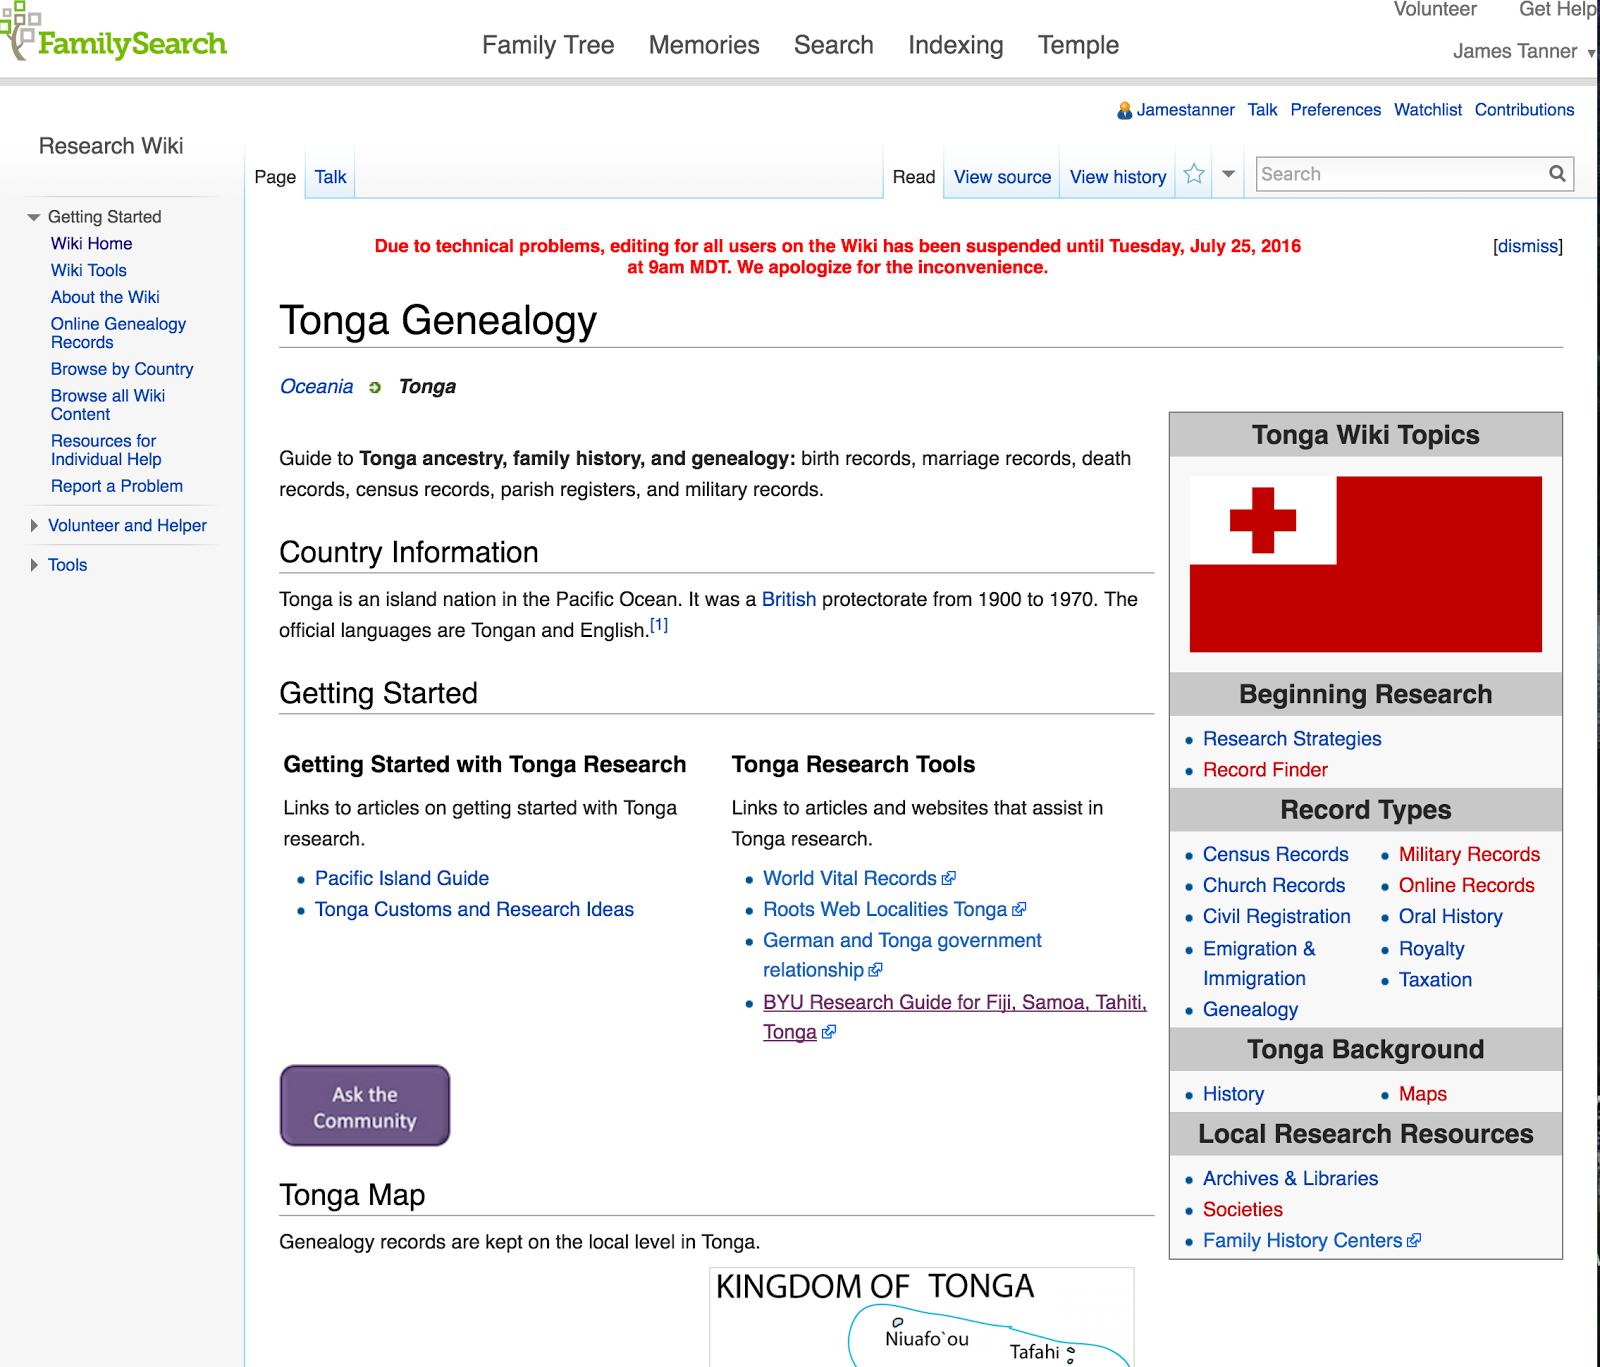 Genealogy's Star: Taking a Look at Tongan Genealogy